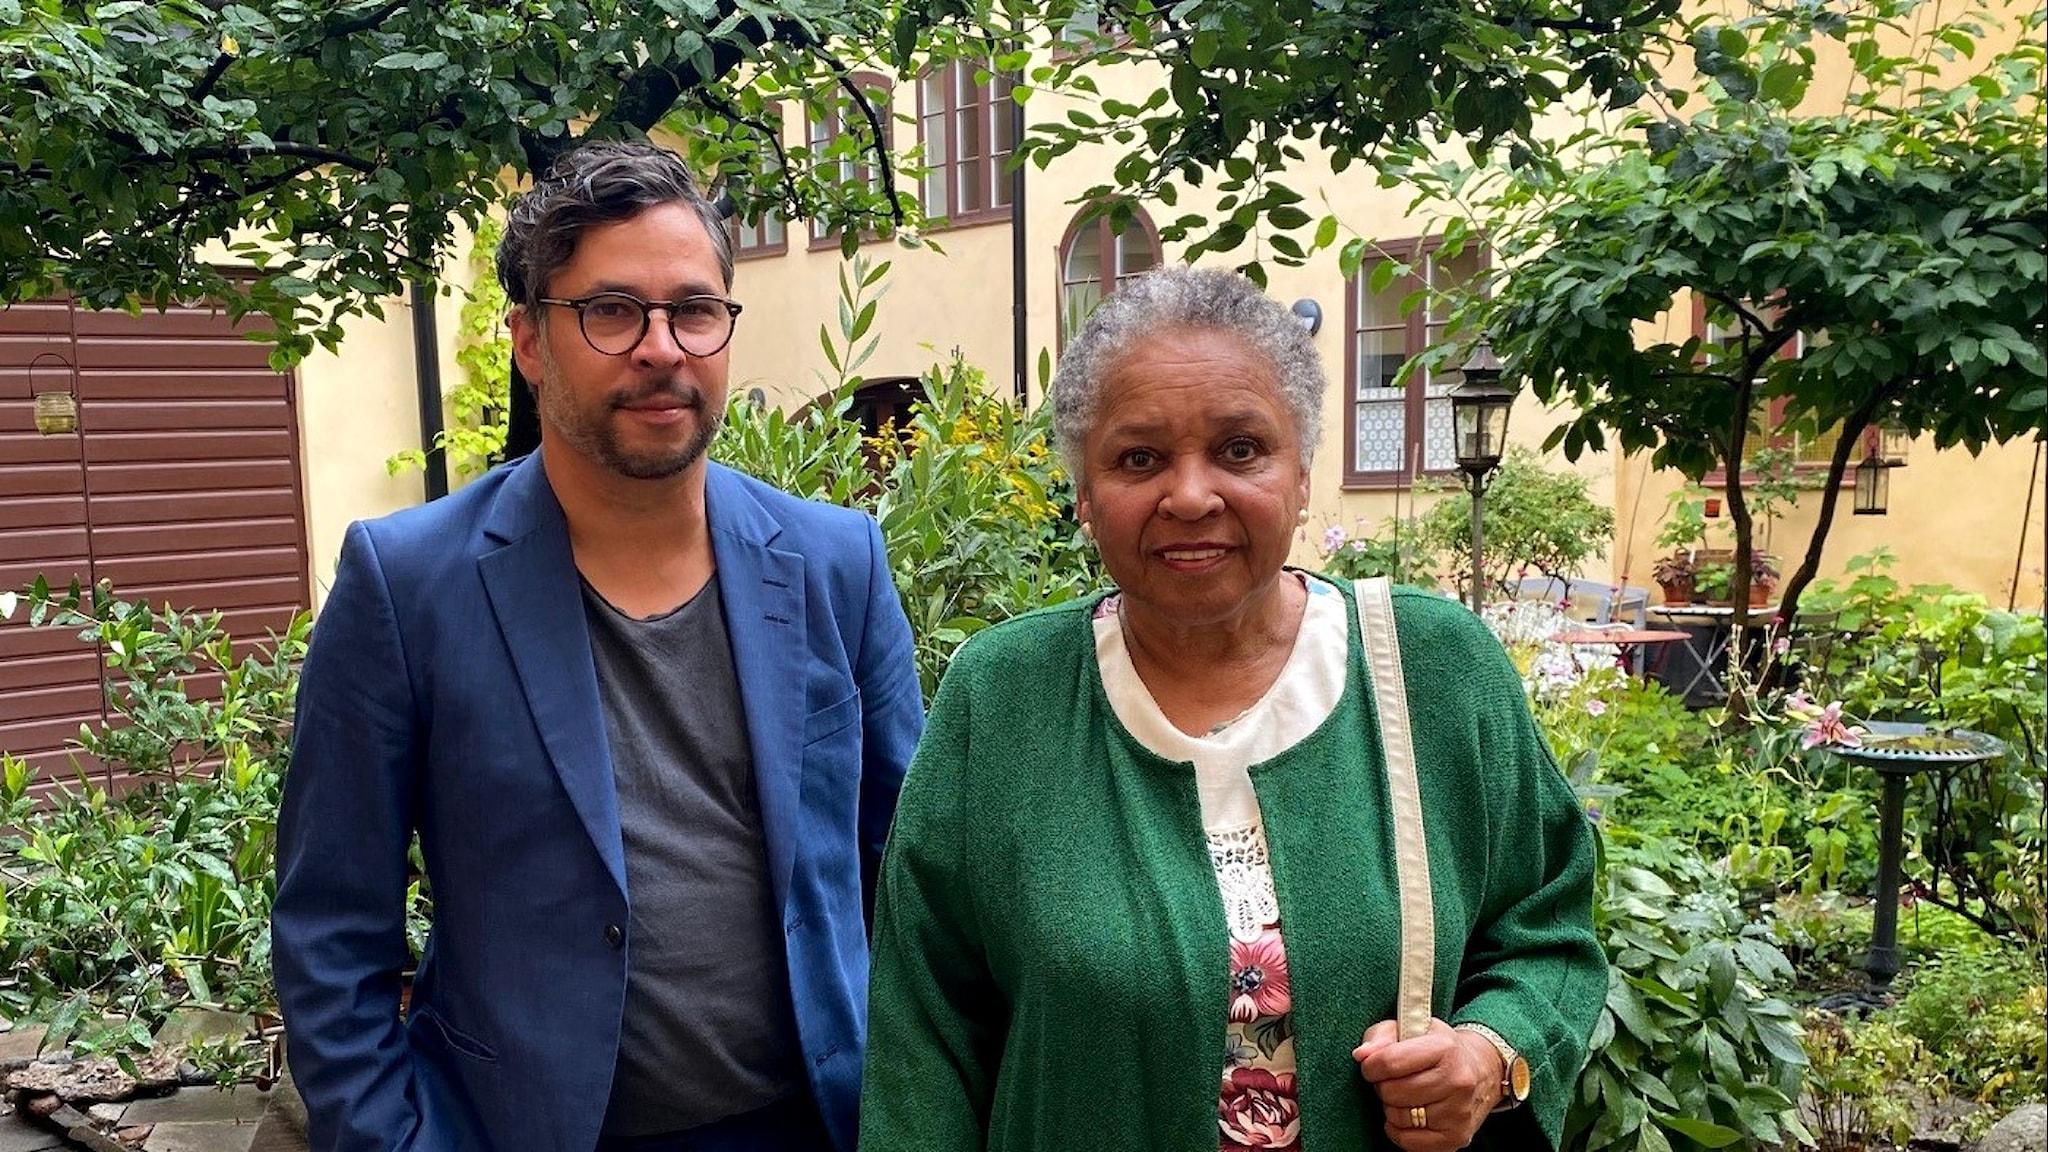 Martin Wicklin och Gloria Ray Karlmark står i en lummig trädgård